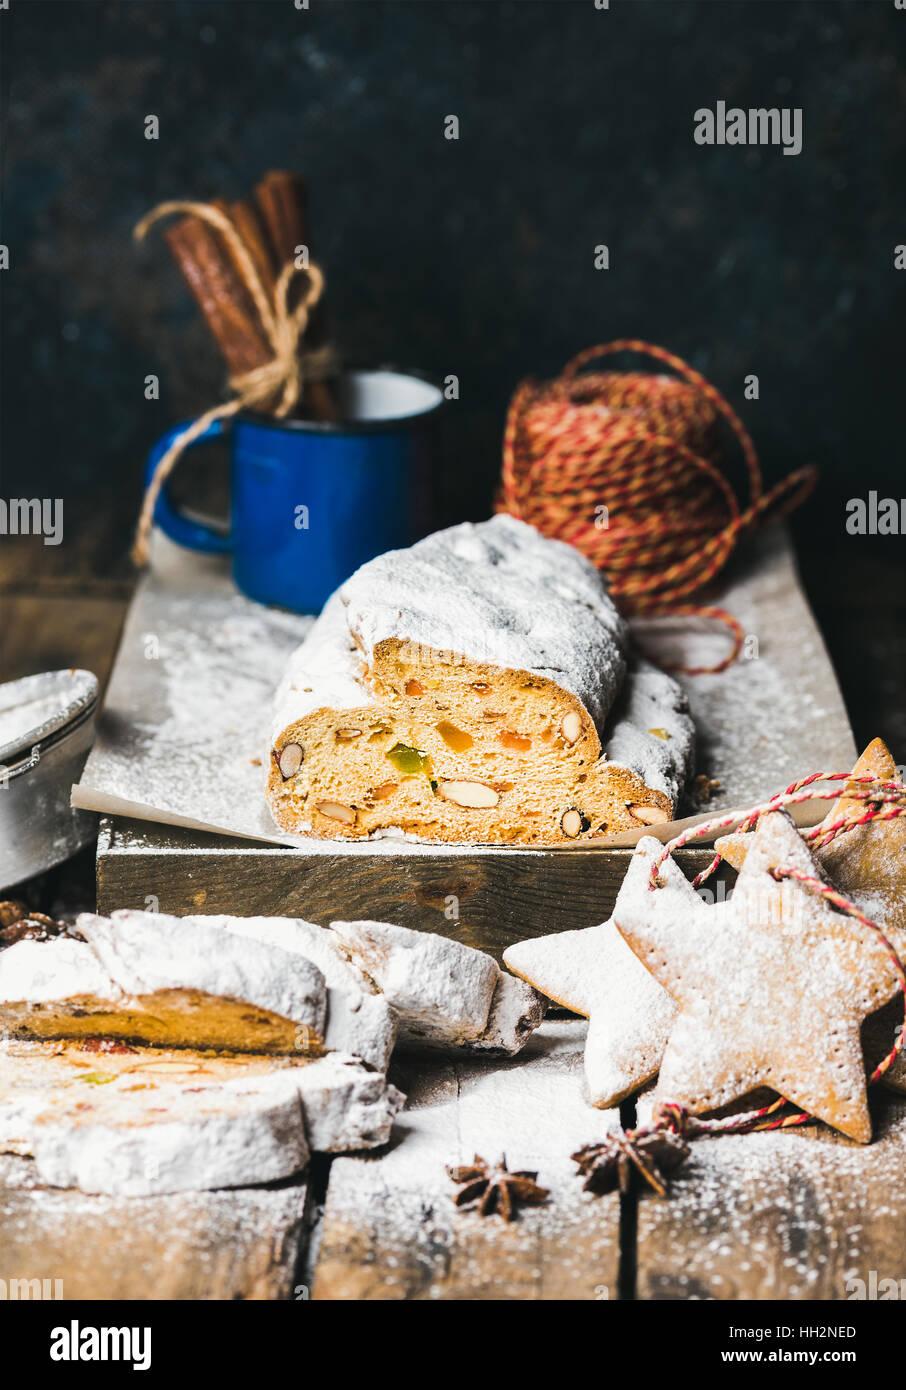 Traditionelle deutsche Weihnachten Kuchen Stollen mit festlichen Lebkuchen Stockbild